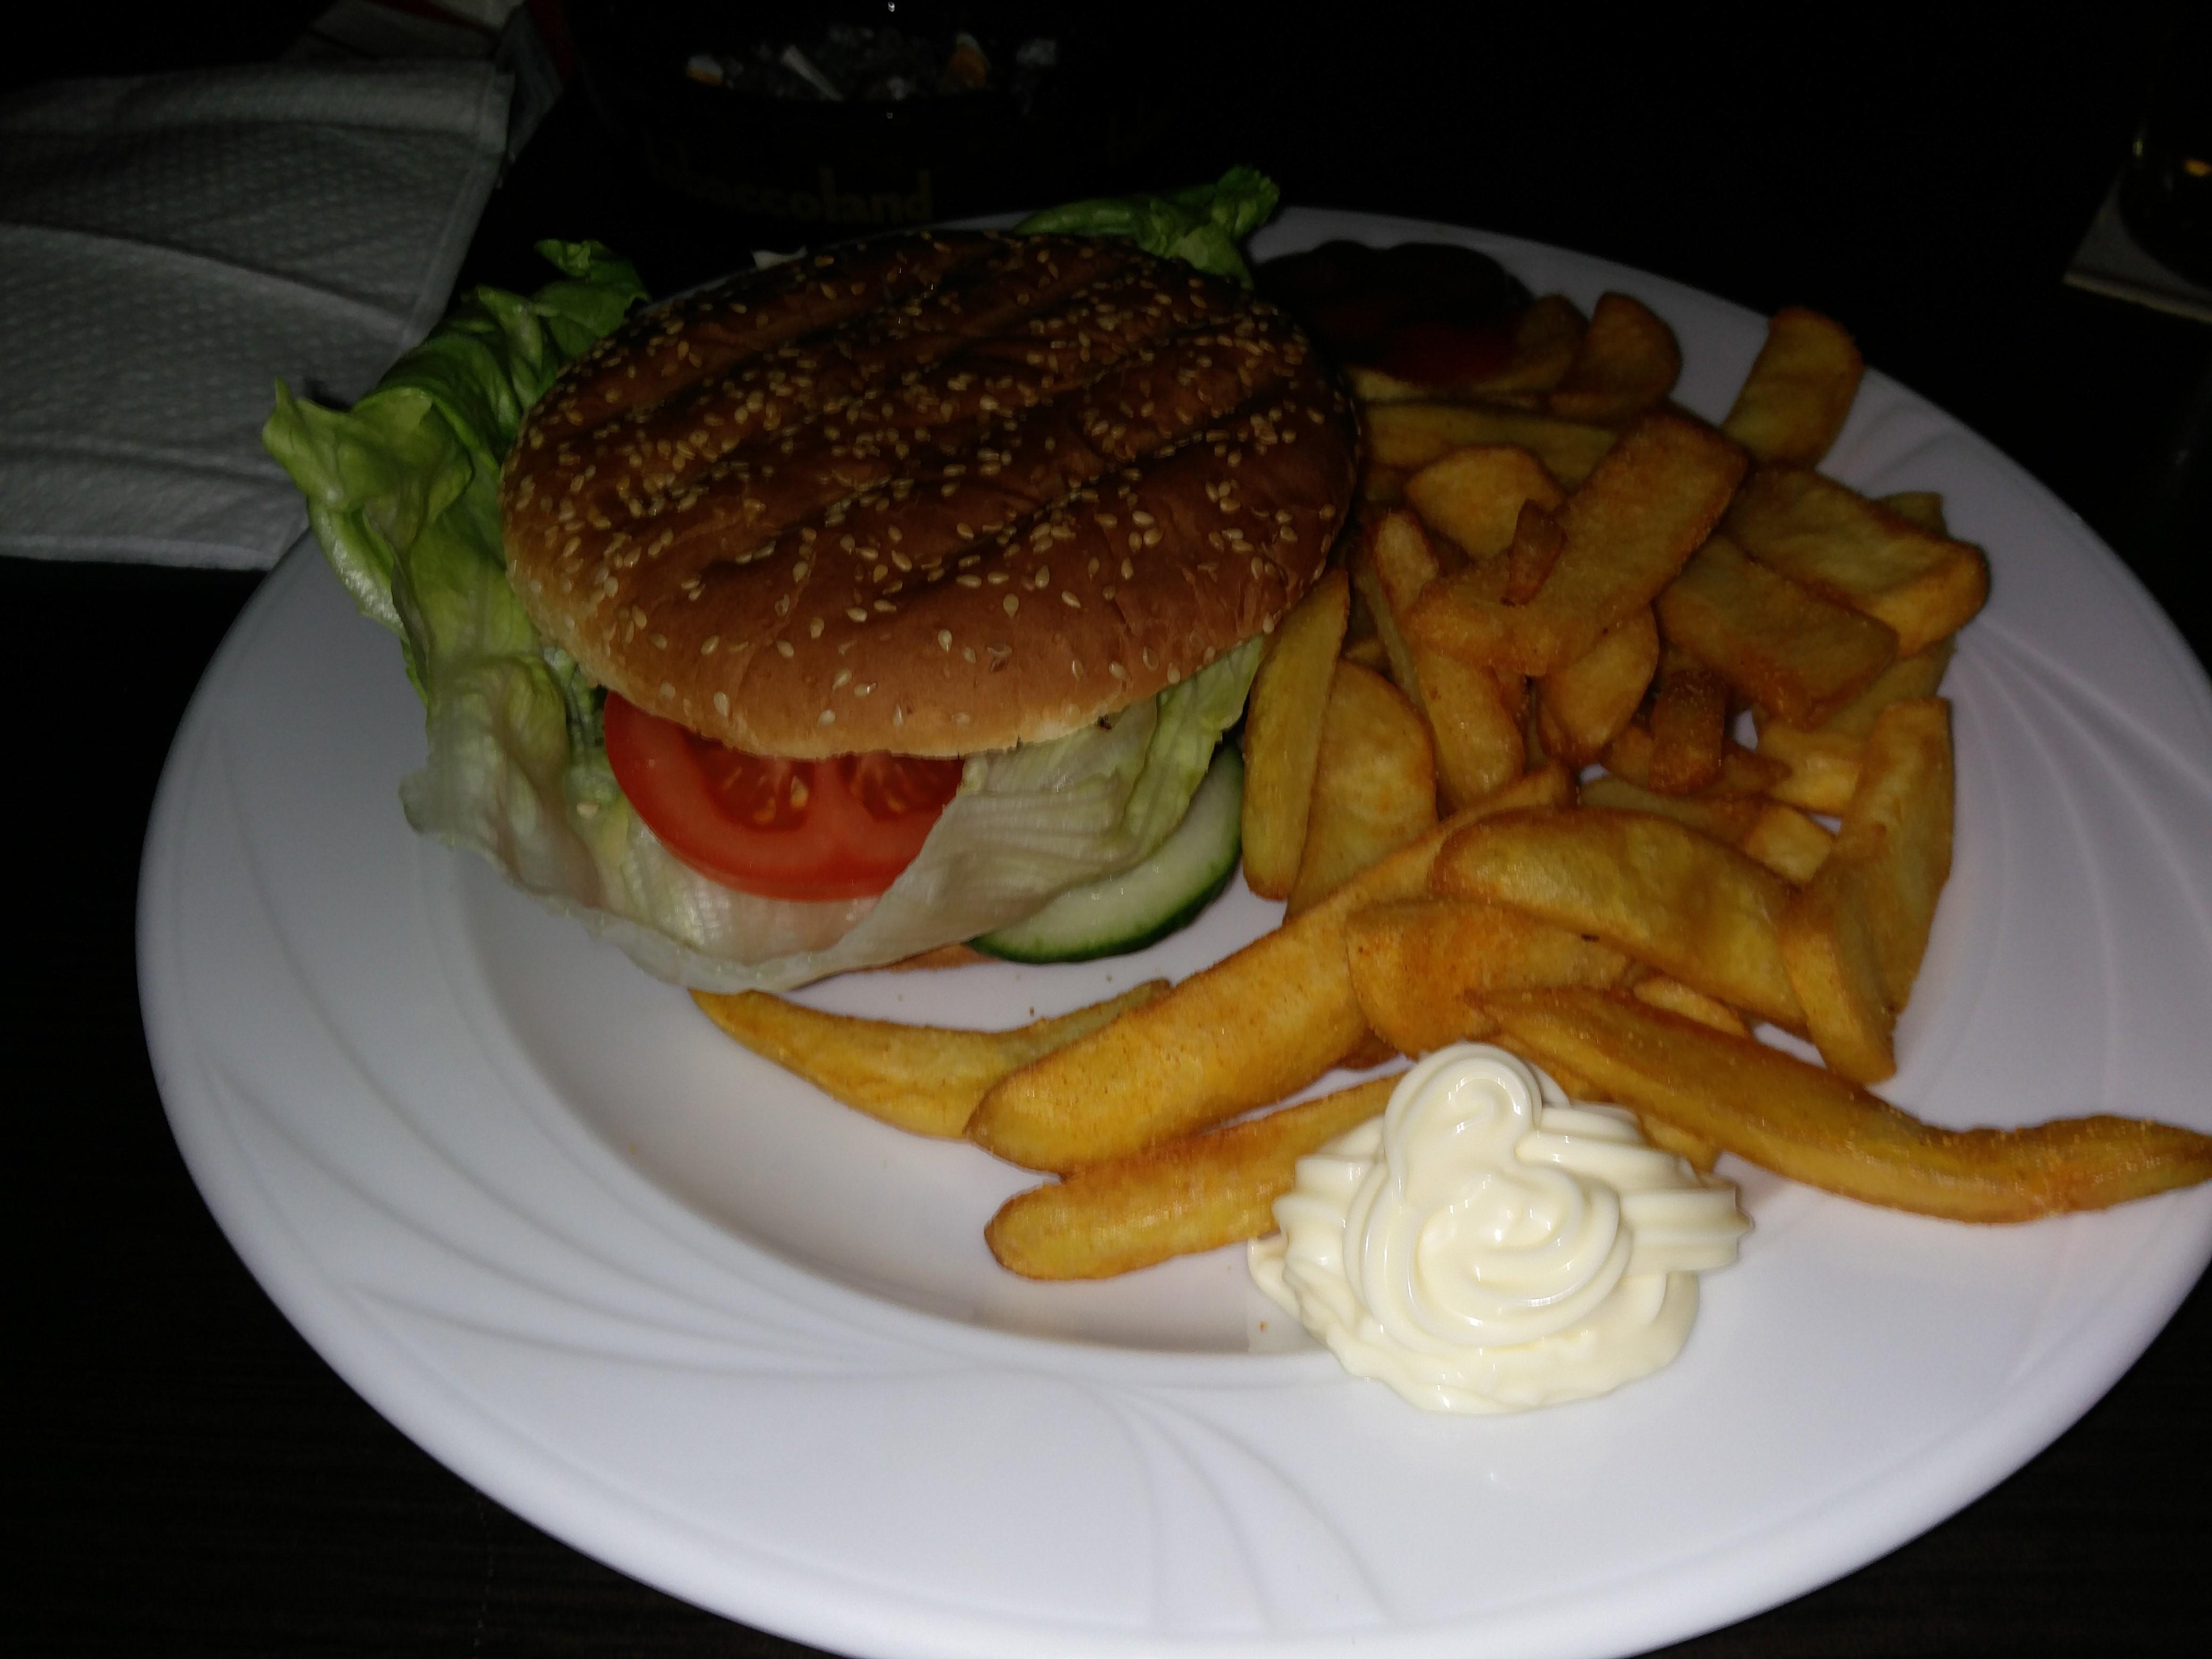 https://foodloader.net/nico_2016-03-22_burger-mit-pommes.jpg